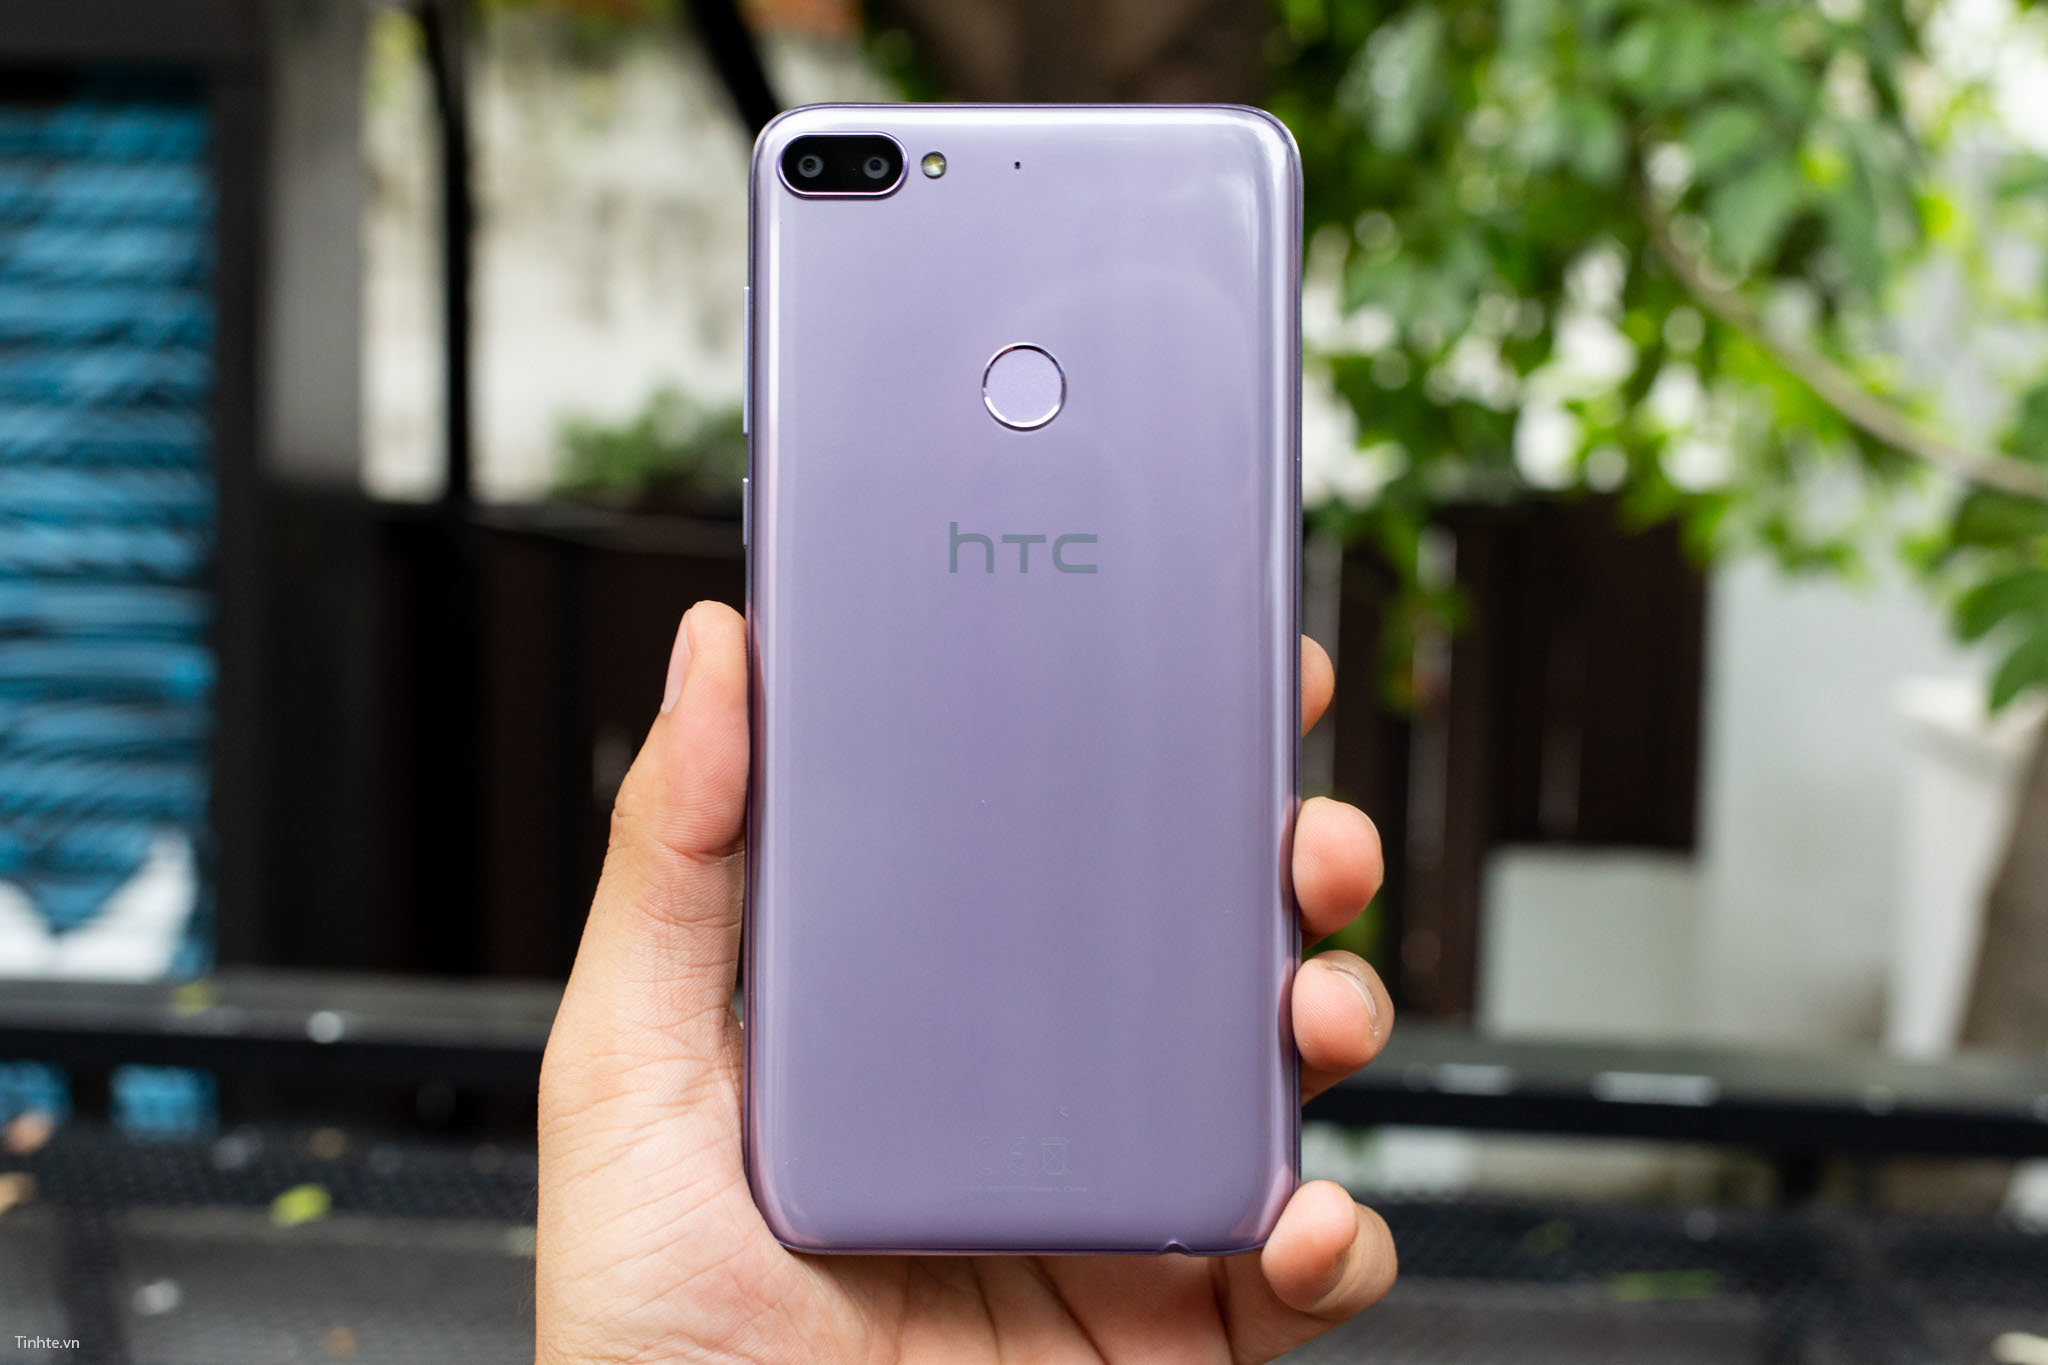 Tinhte.vn_HTC_Desire_12+-3.jpg